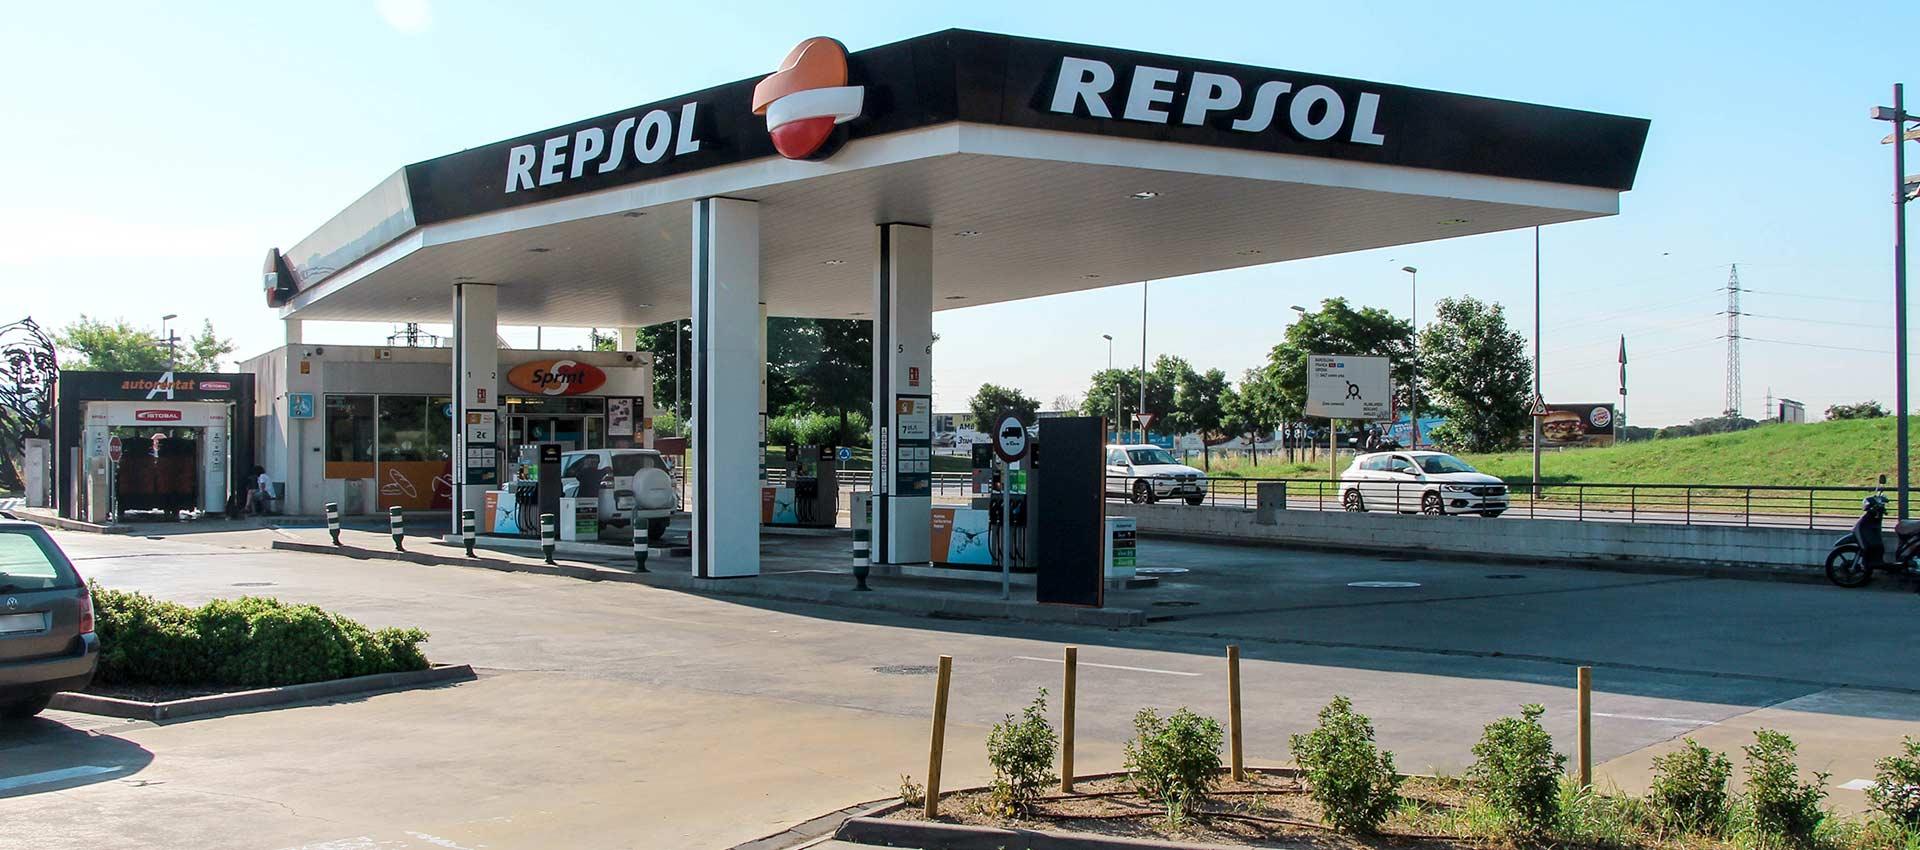 Repsol Espai Girones